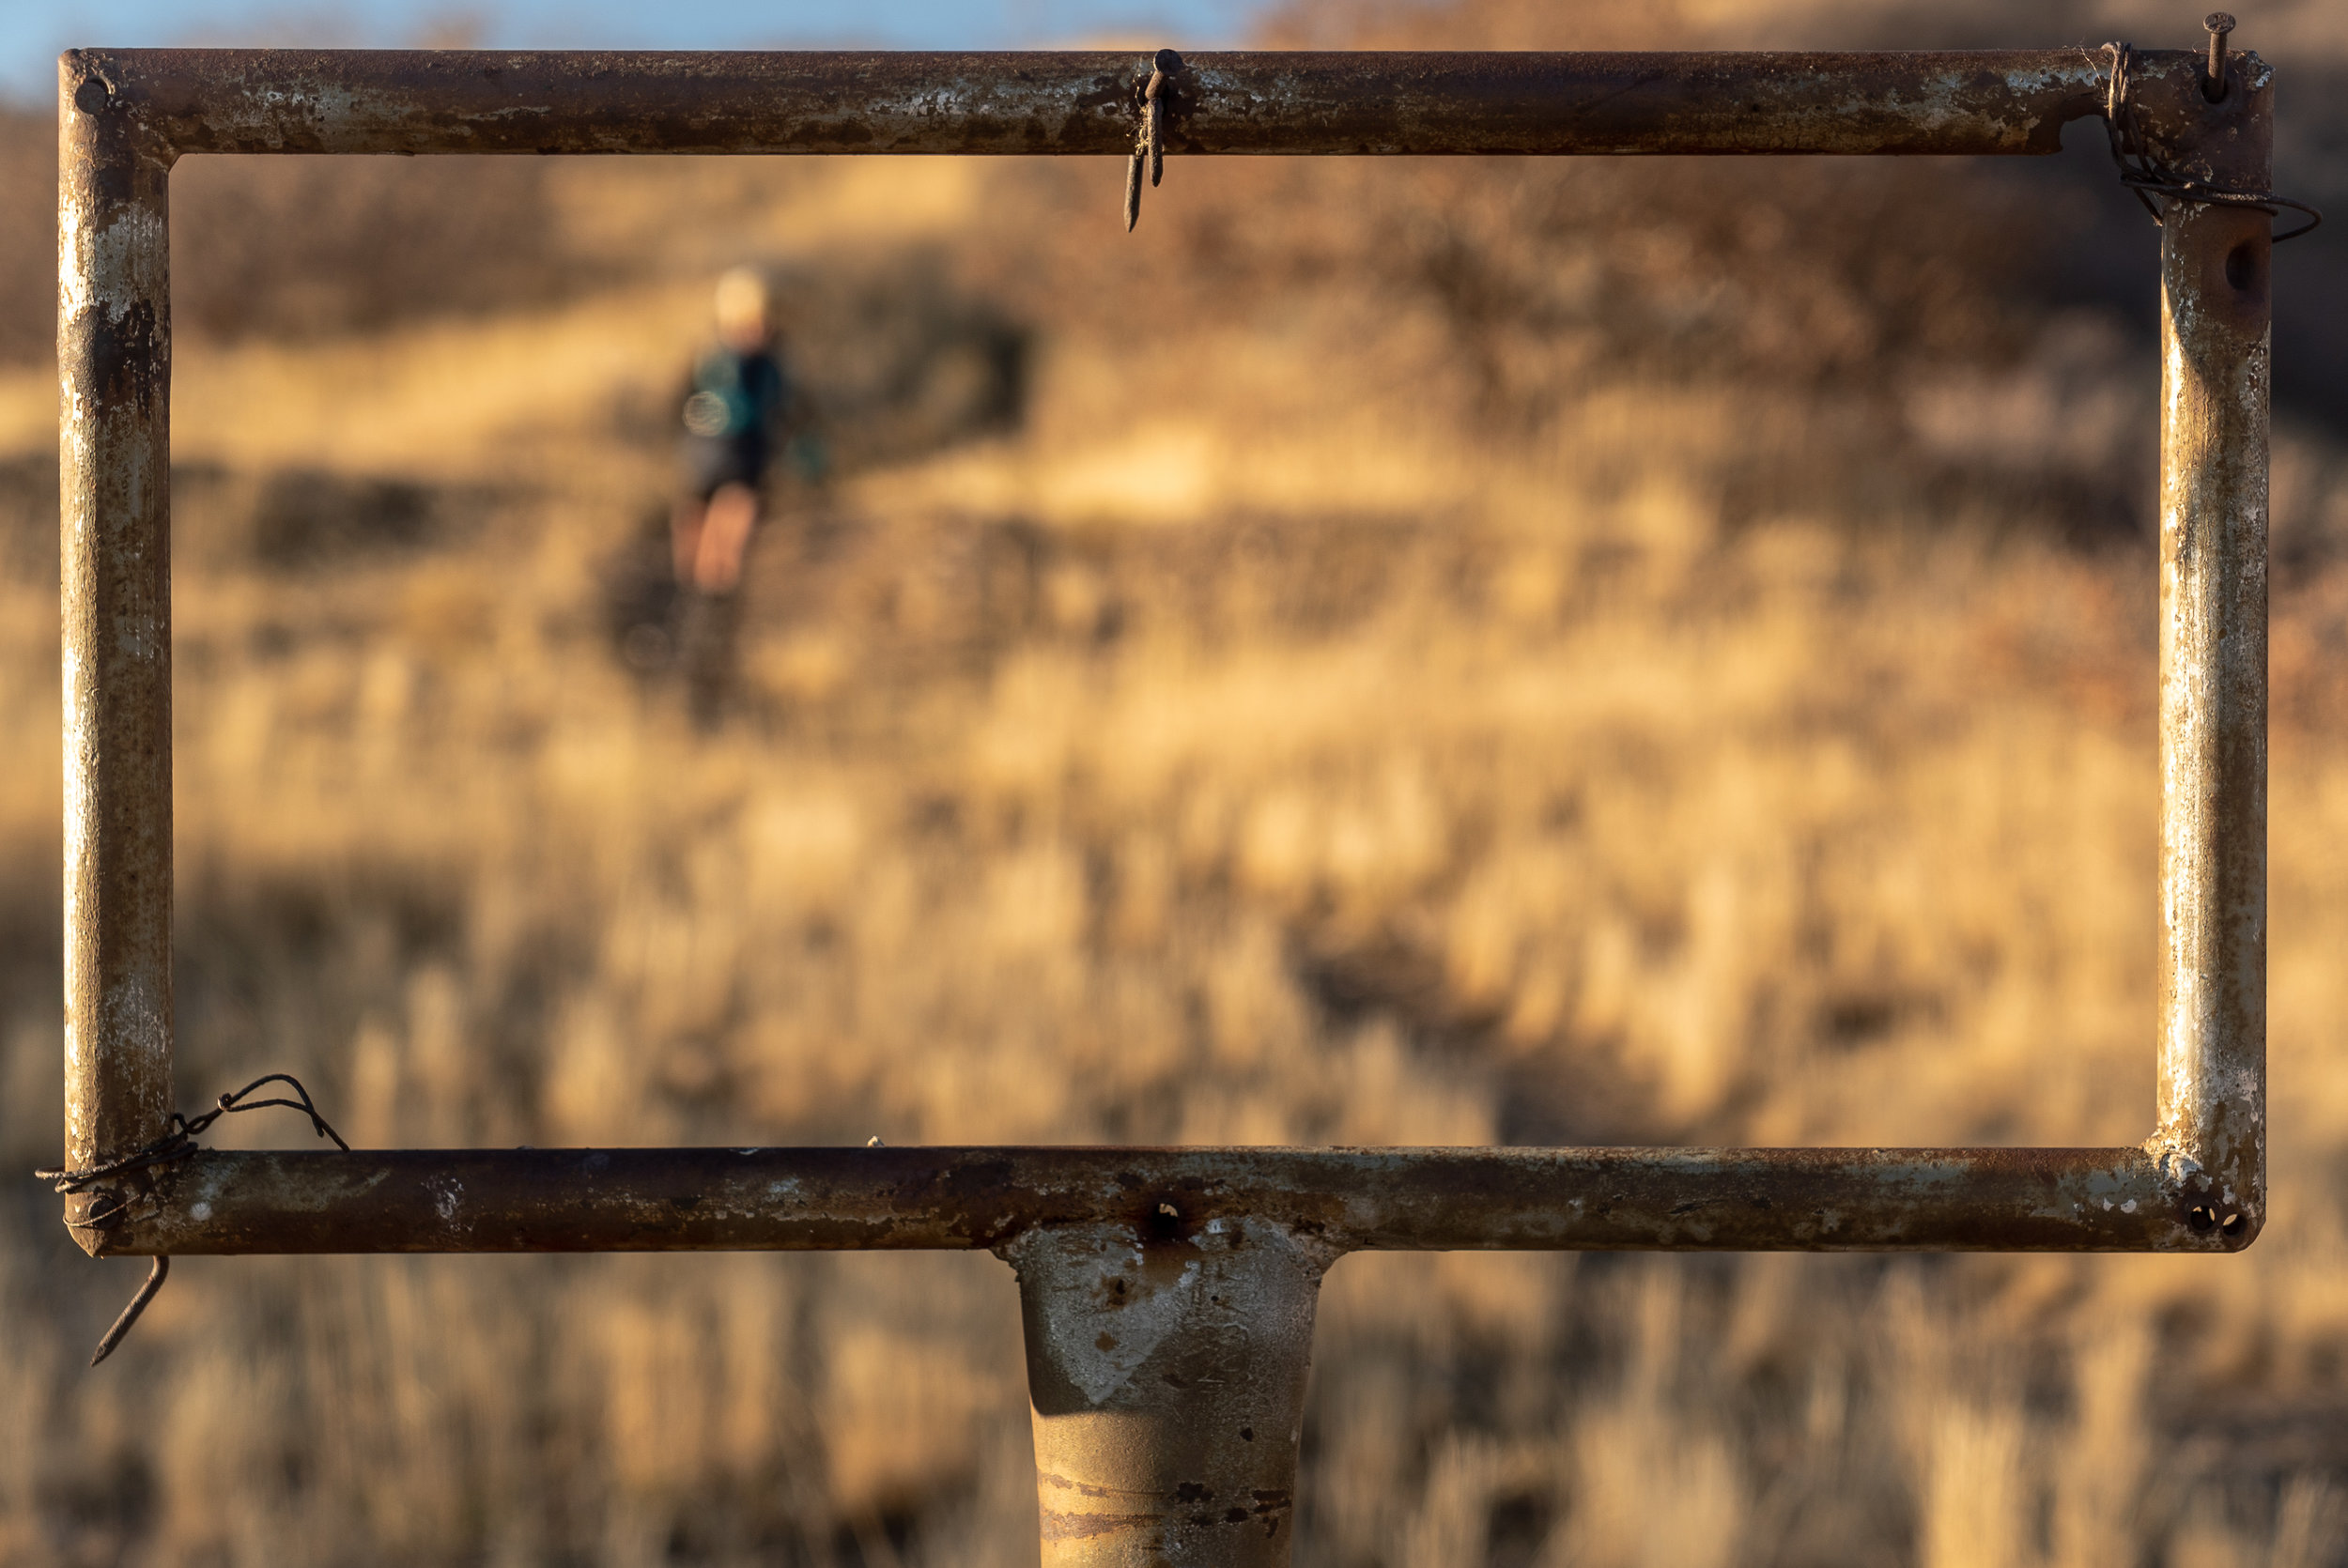 2018_11_11_Moe-trail-frame-GoodRoadCo.jpg